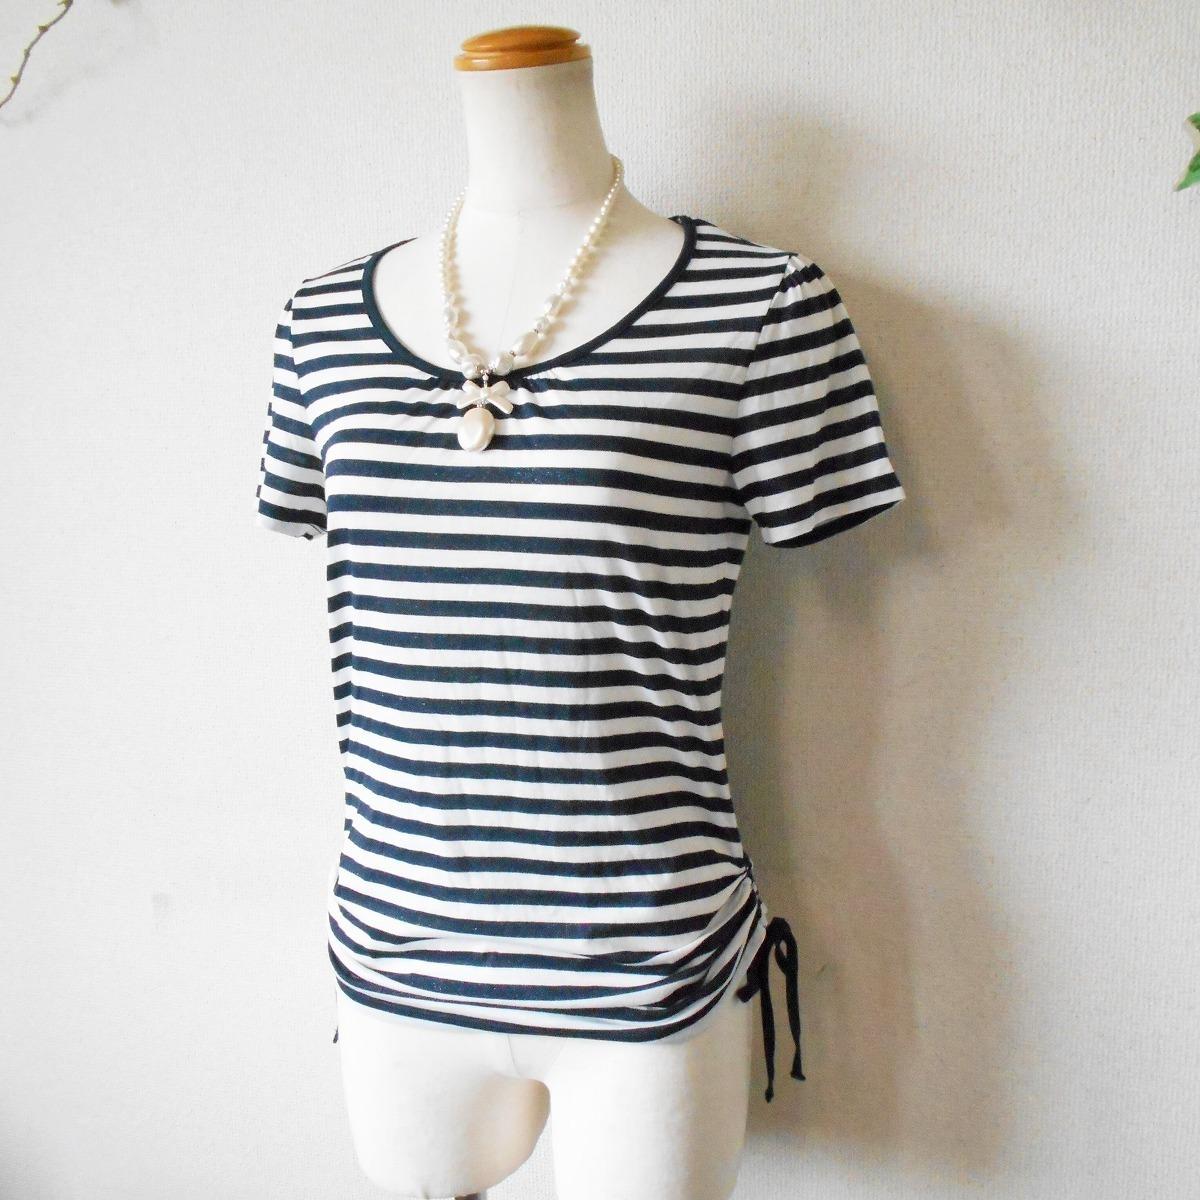 組曲 KUMIKYOKU オンワード 樫山 ラメ 入り ボーダー / 絞れる リボン 付き 半袖 カットソー Tシャツ 2_画像4